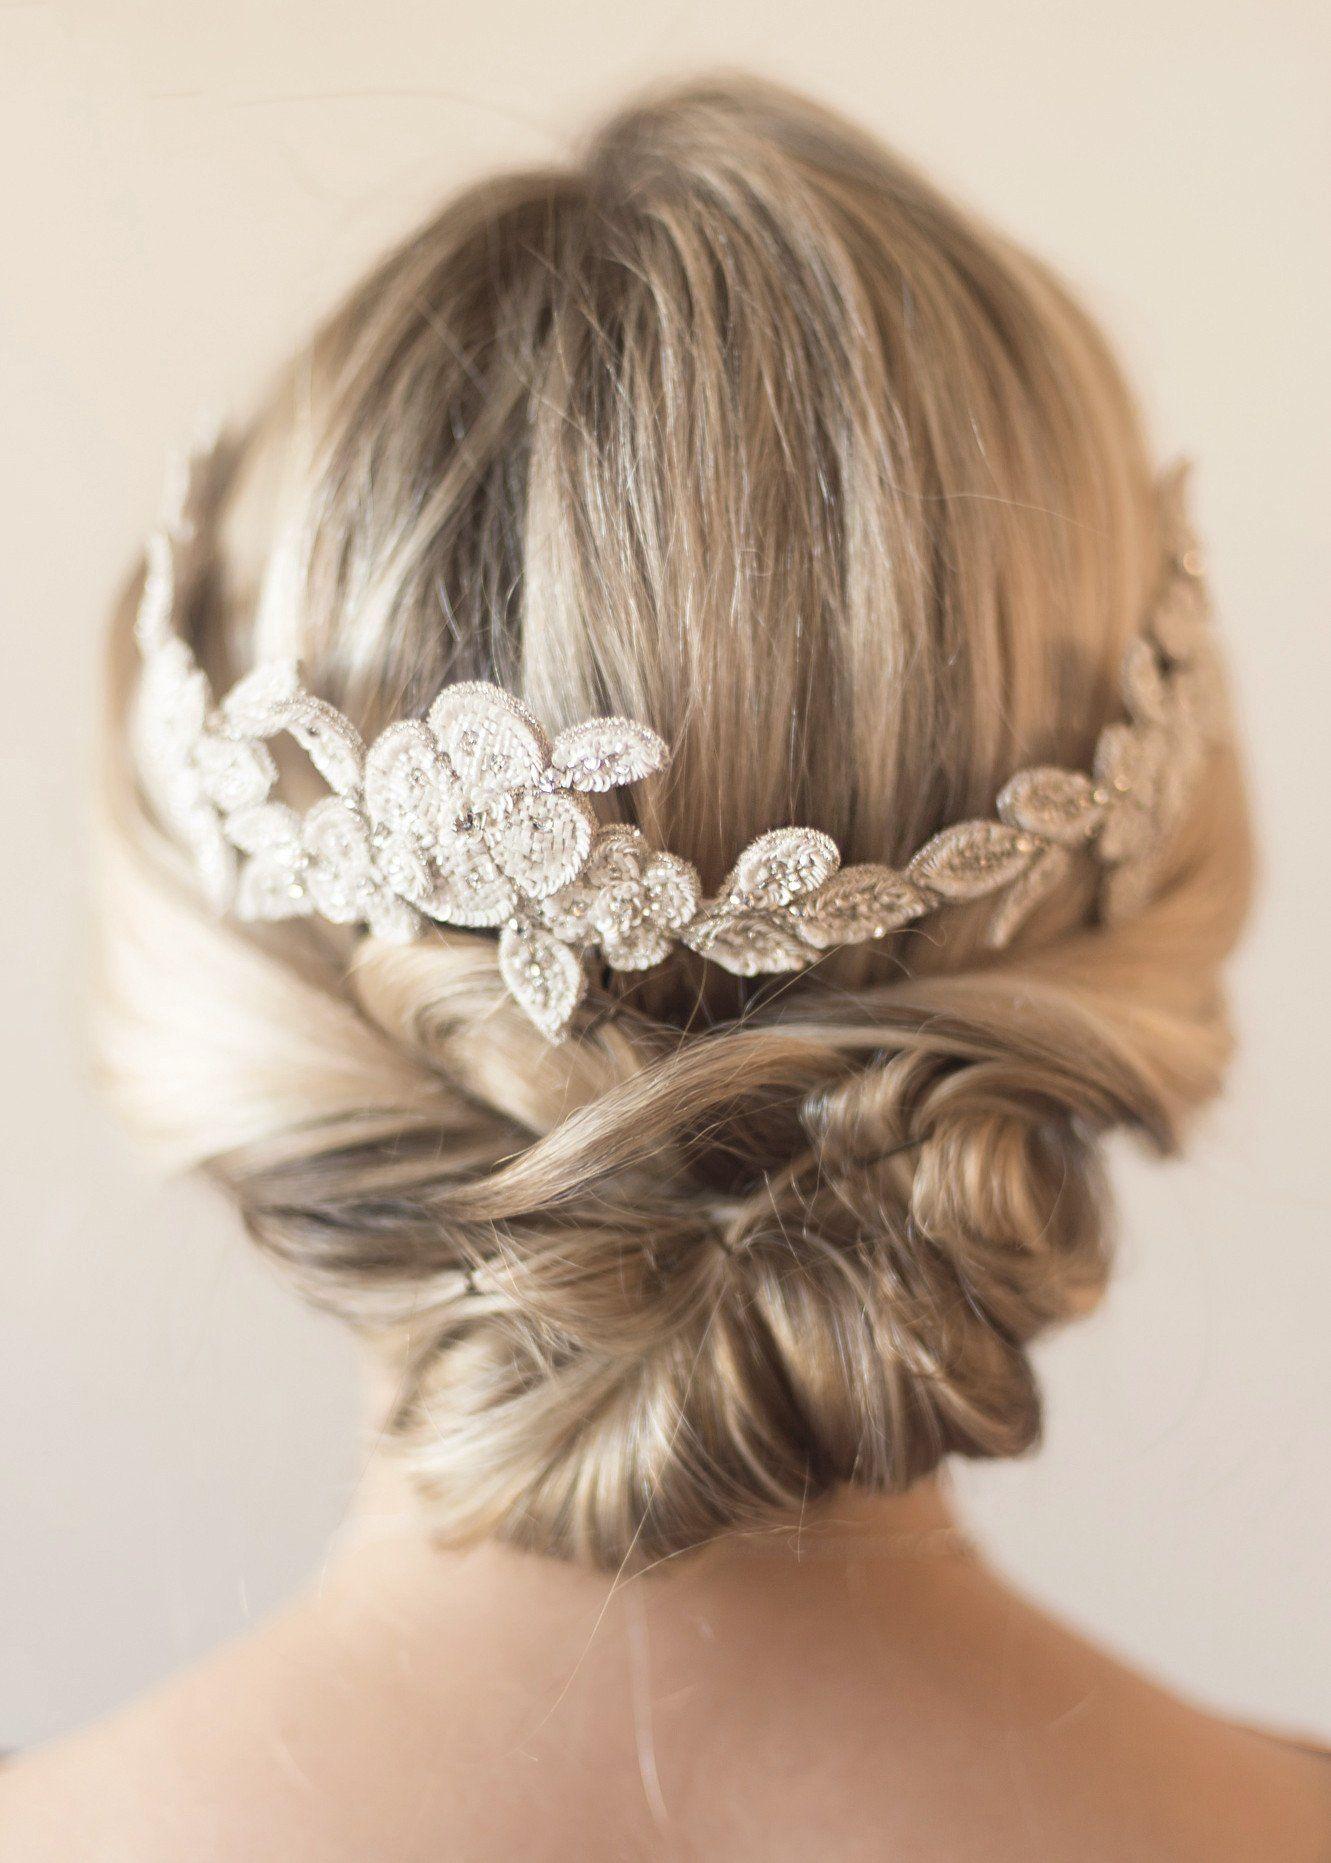 Secret Garden Flower Bridal Hair Halo In Blush Emmy London Bridal Hair Accessories Flower Bridal Hair Accessories Trendy Wedding Hairstyles